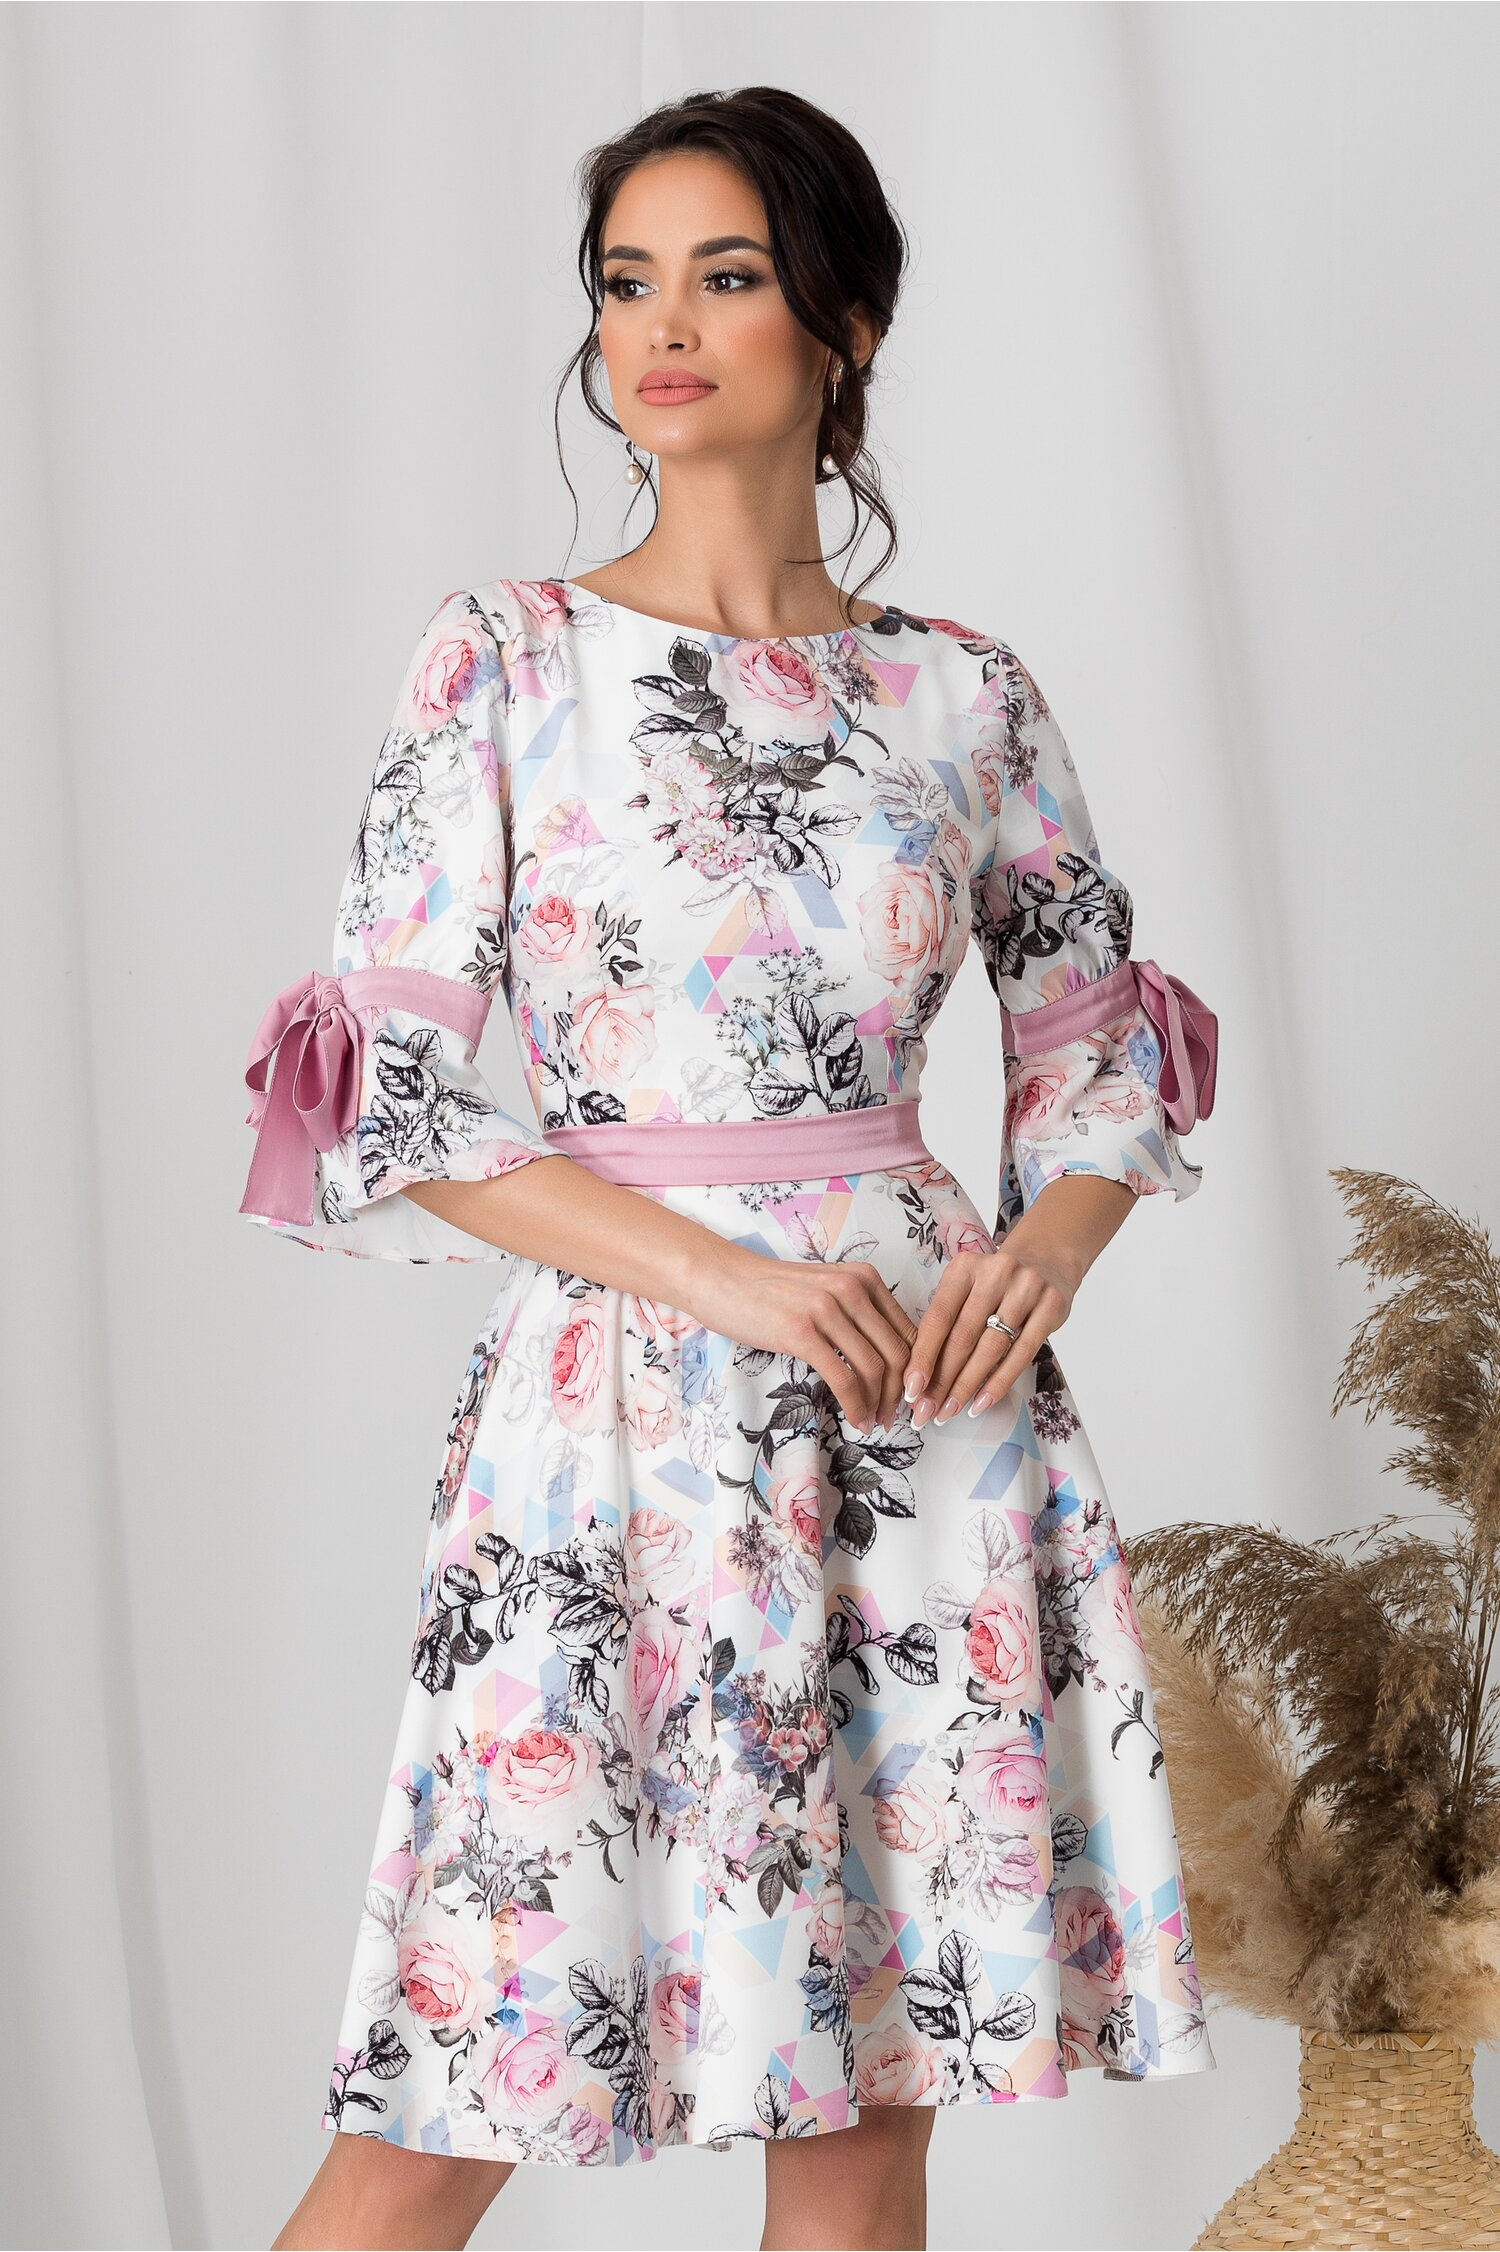 Rochie MBG alba cu imprimeu floral gri si roz